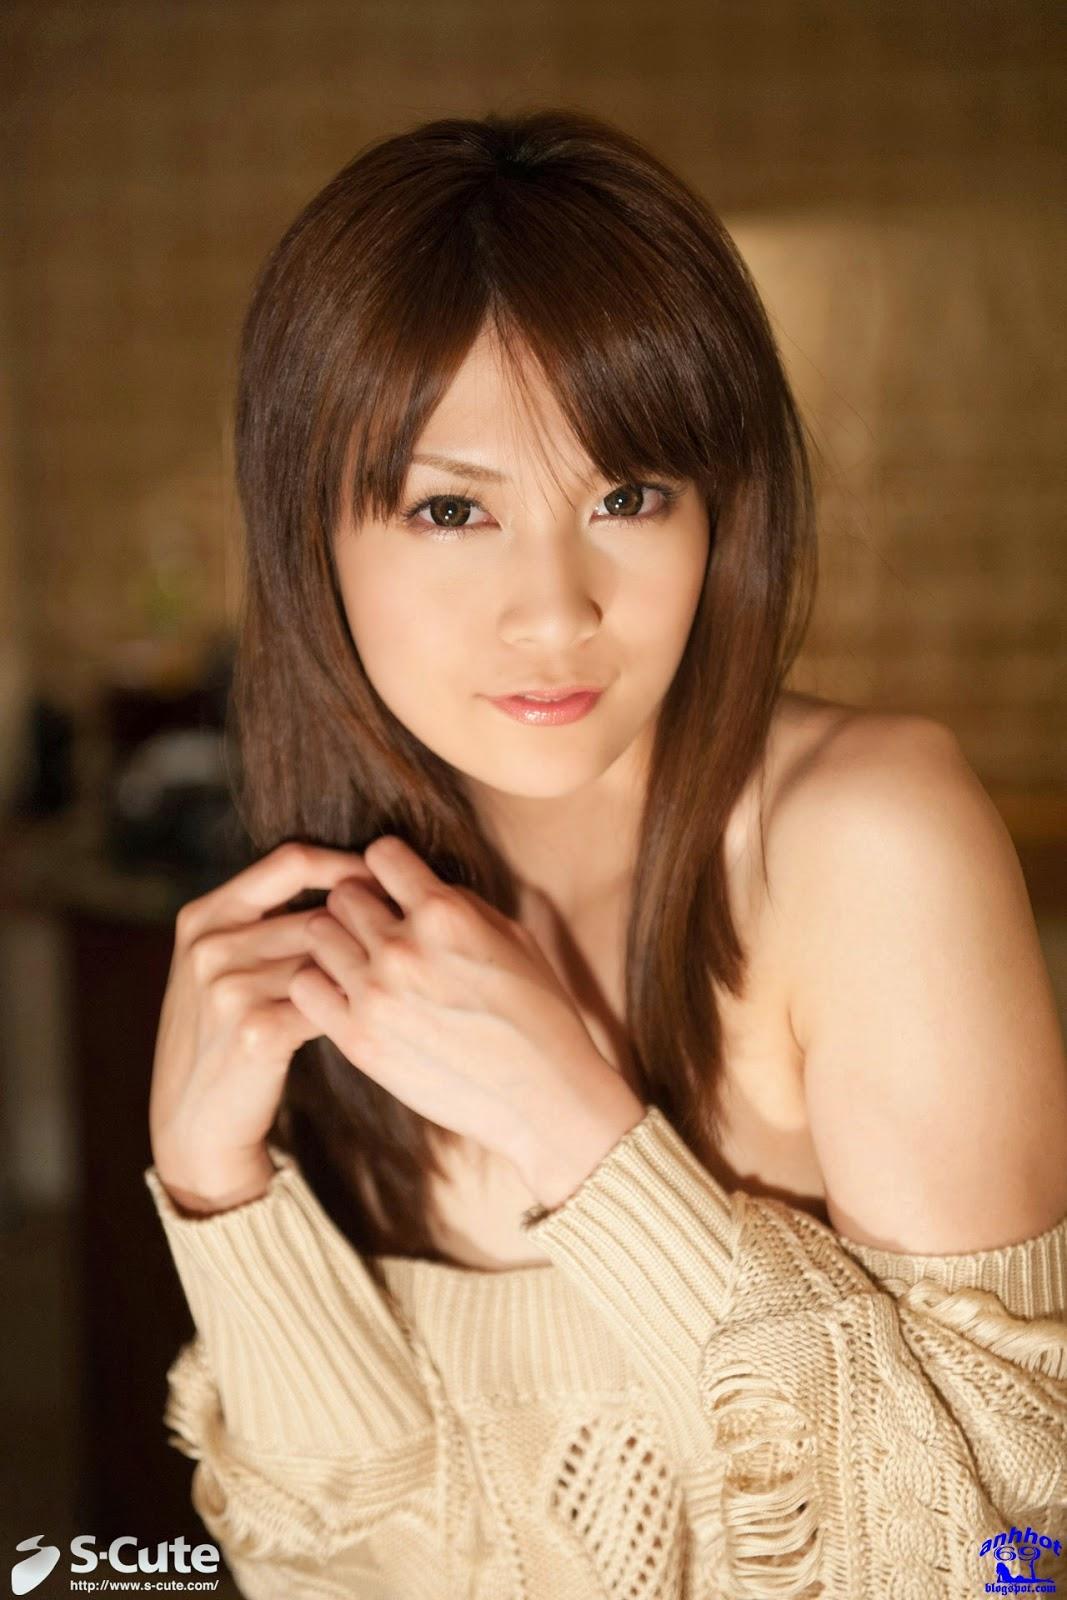 anri-sugisaki-02273170